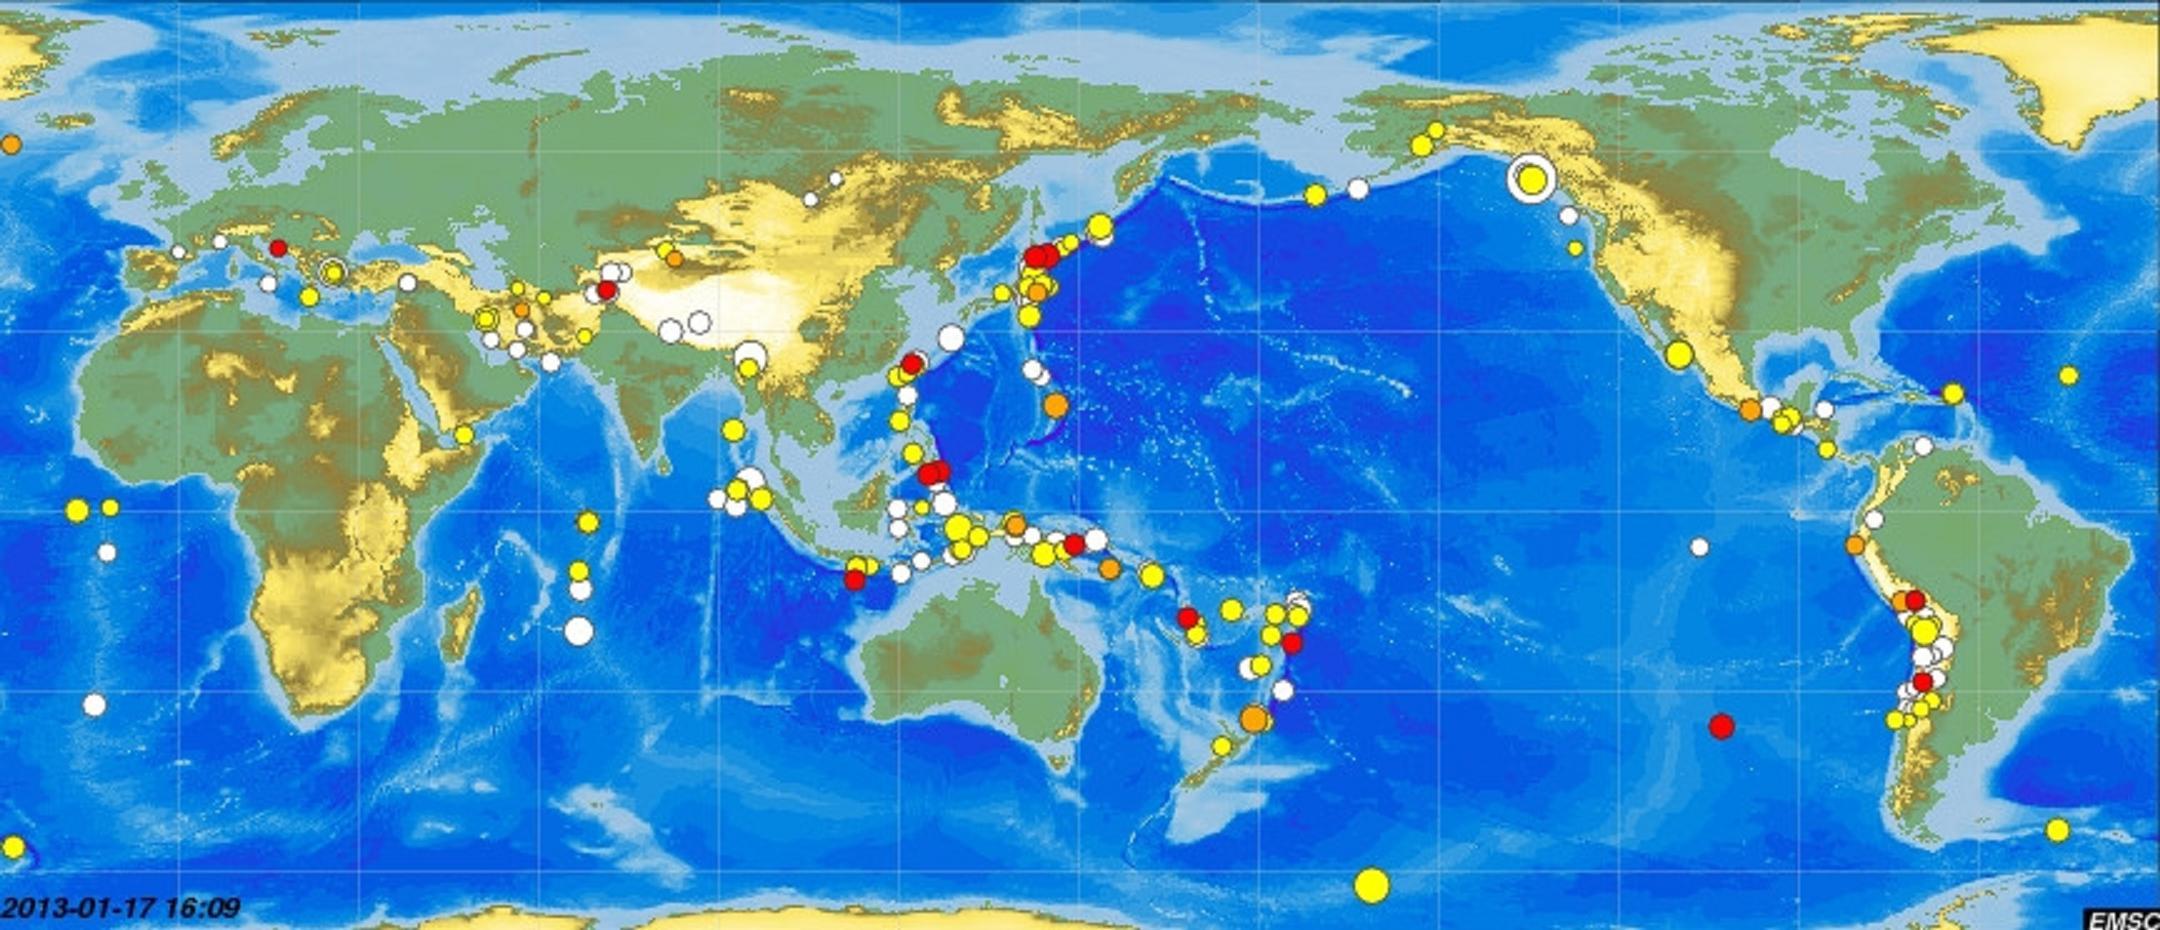 Κι ἄλλοι σεισμοί! Πολλοὶ σεισμοί!